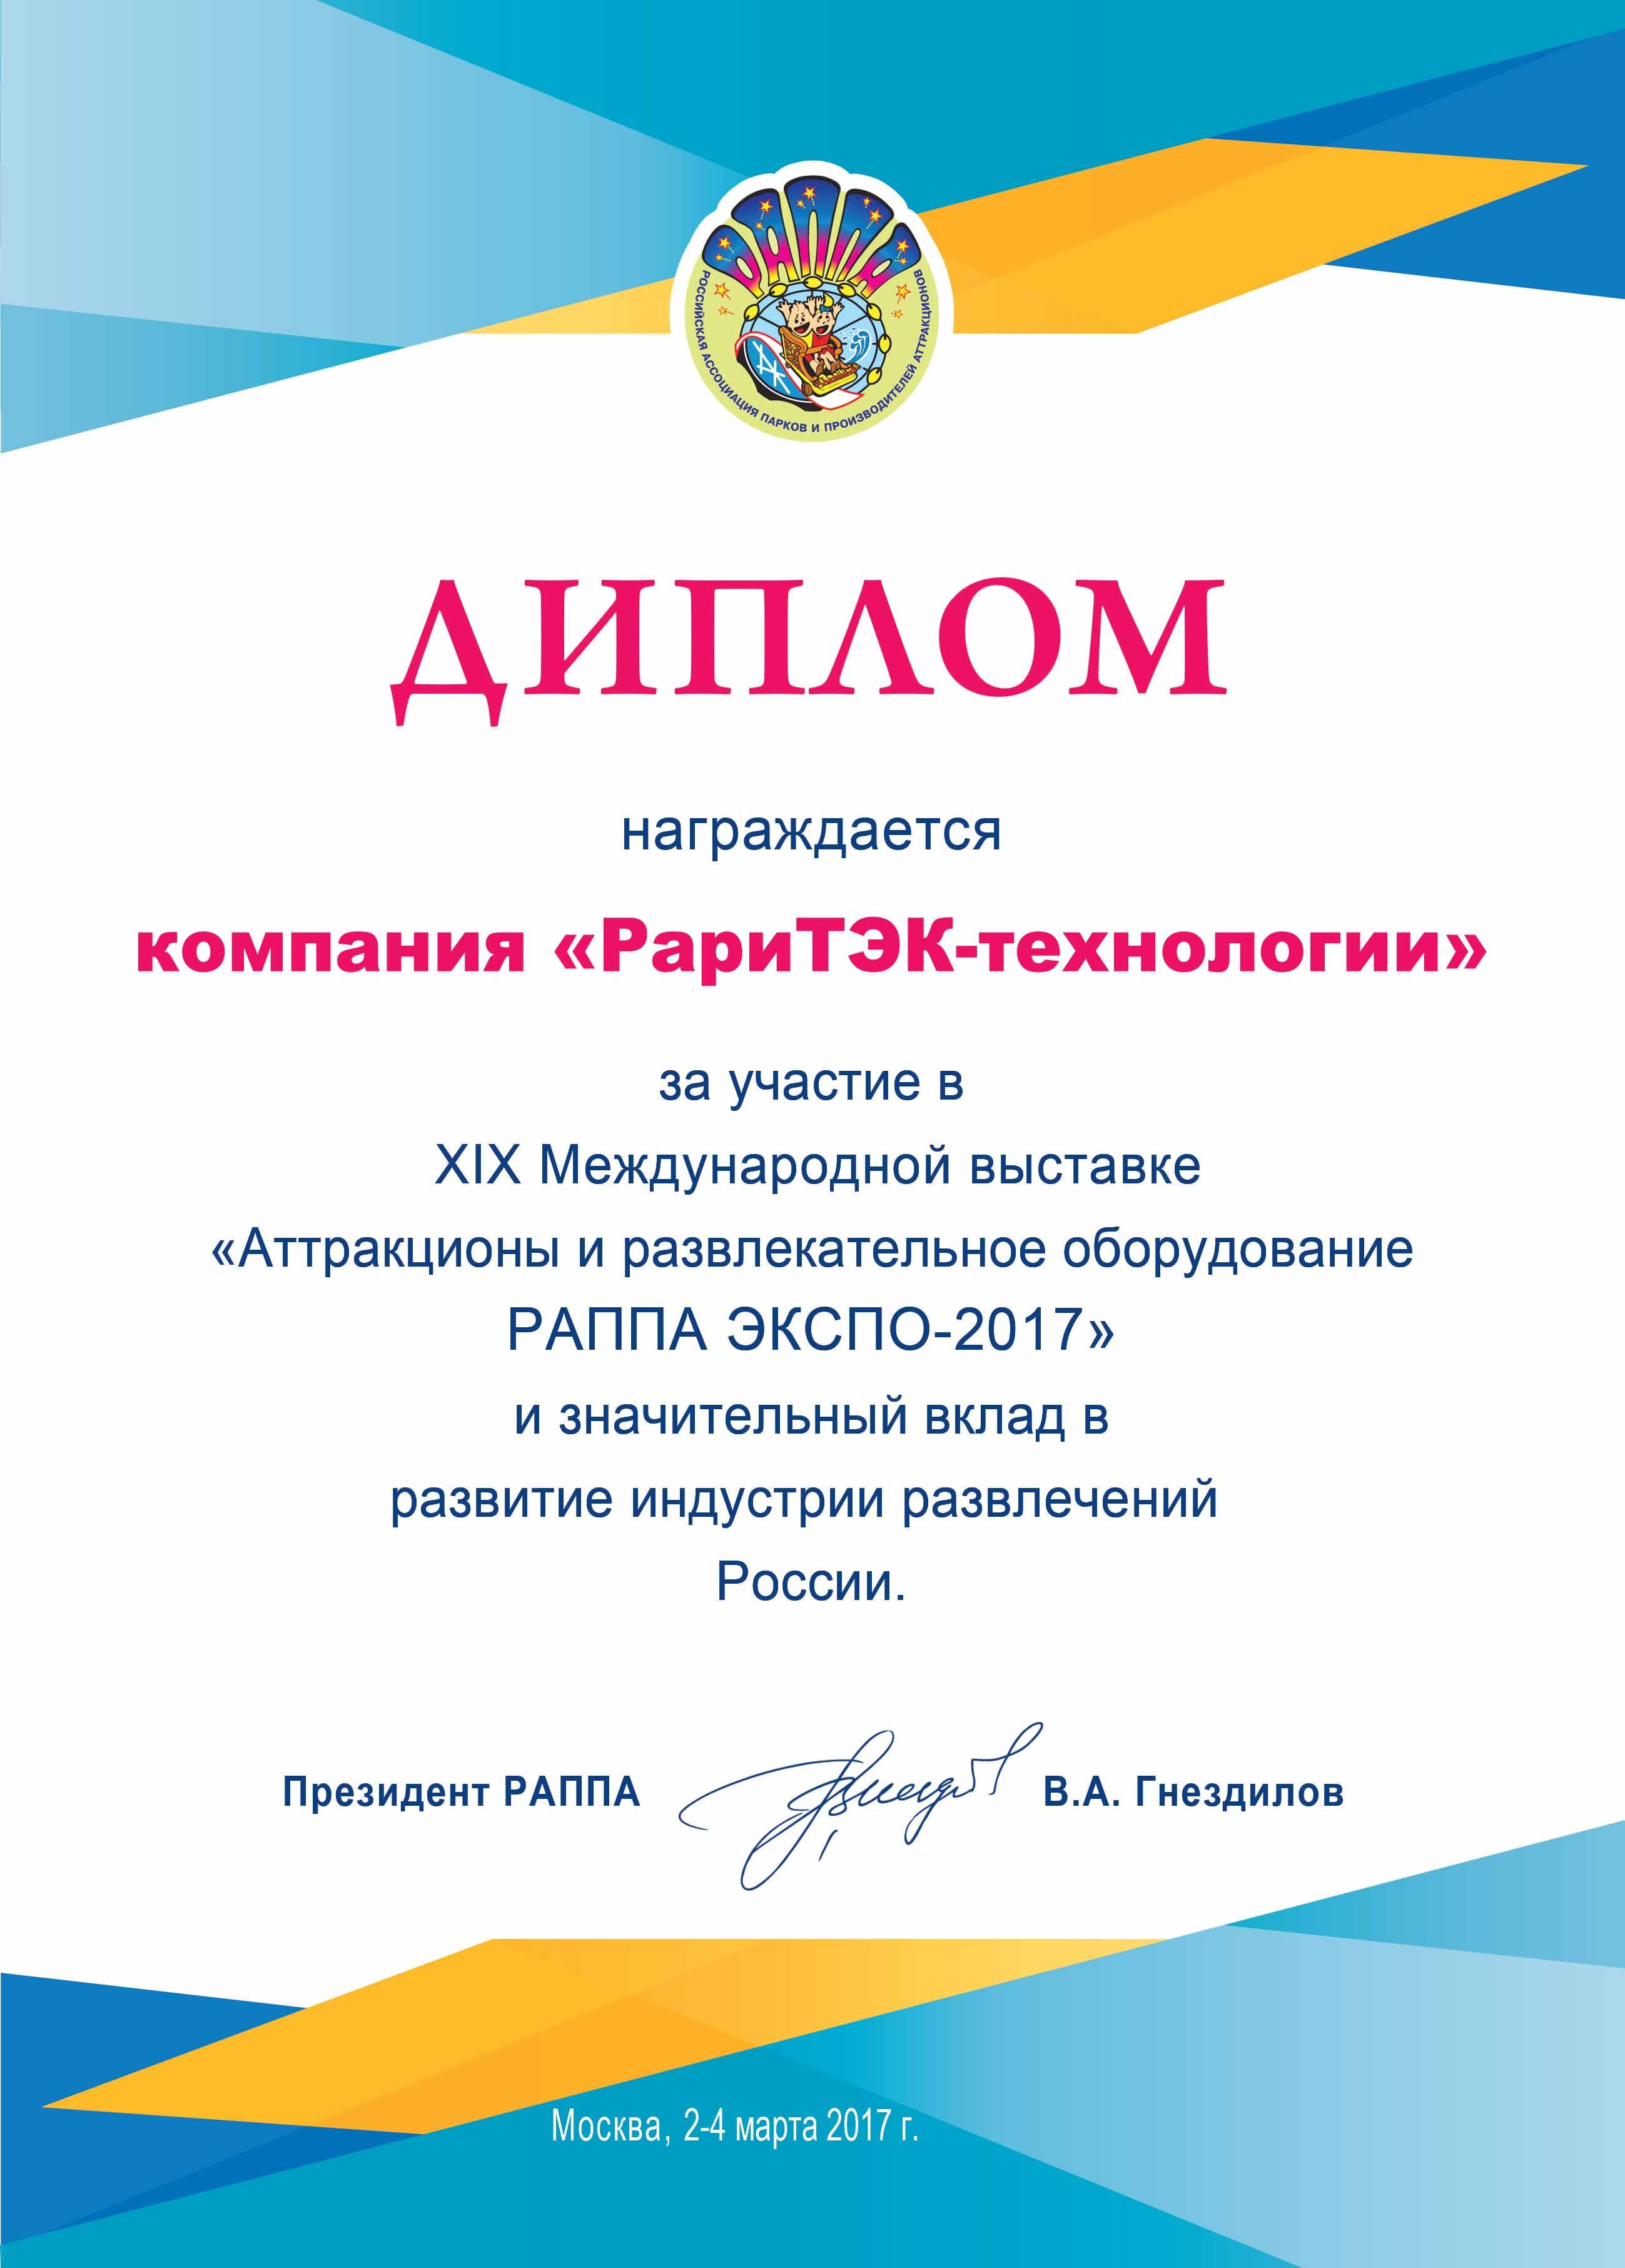 Дипломы участия в выставках